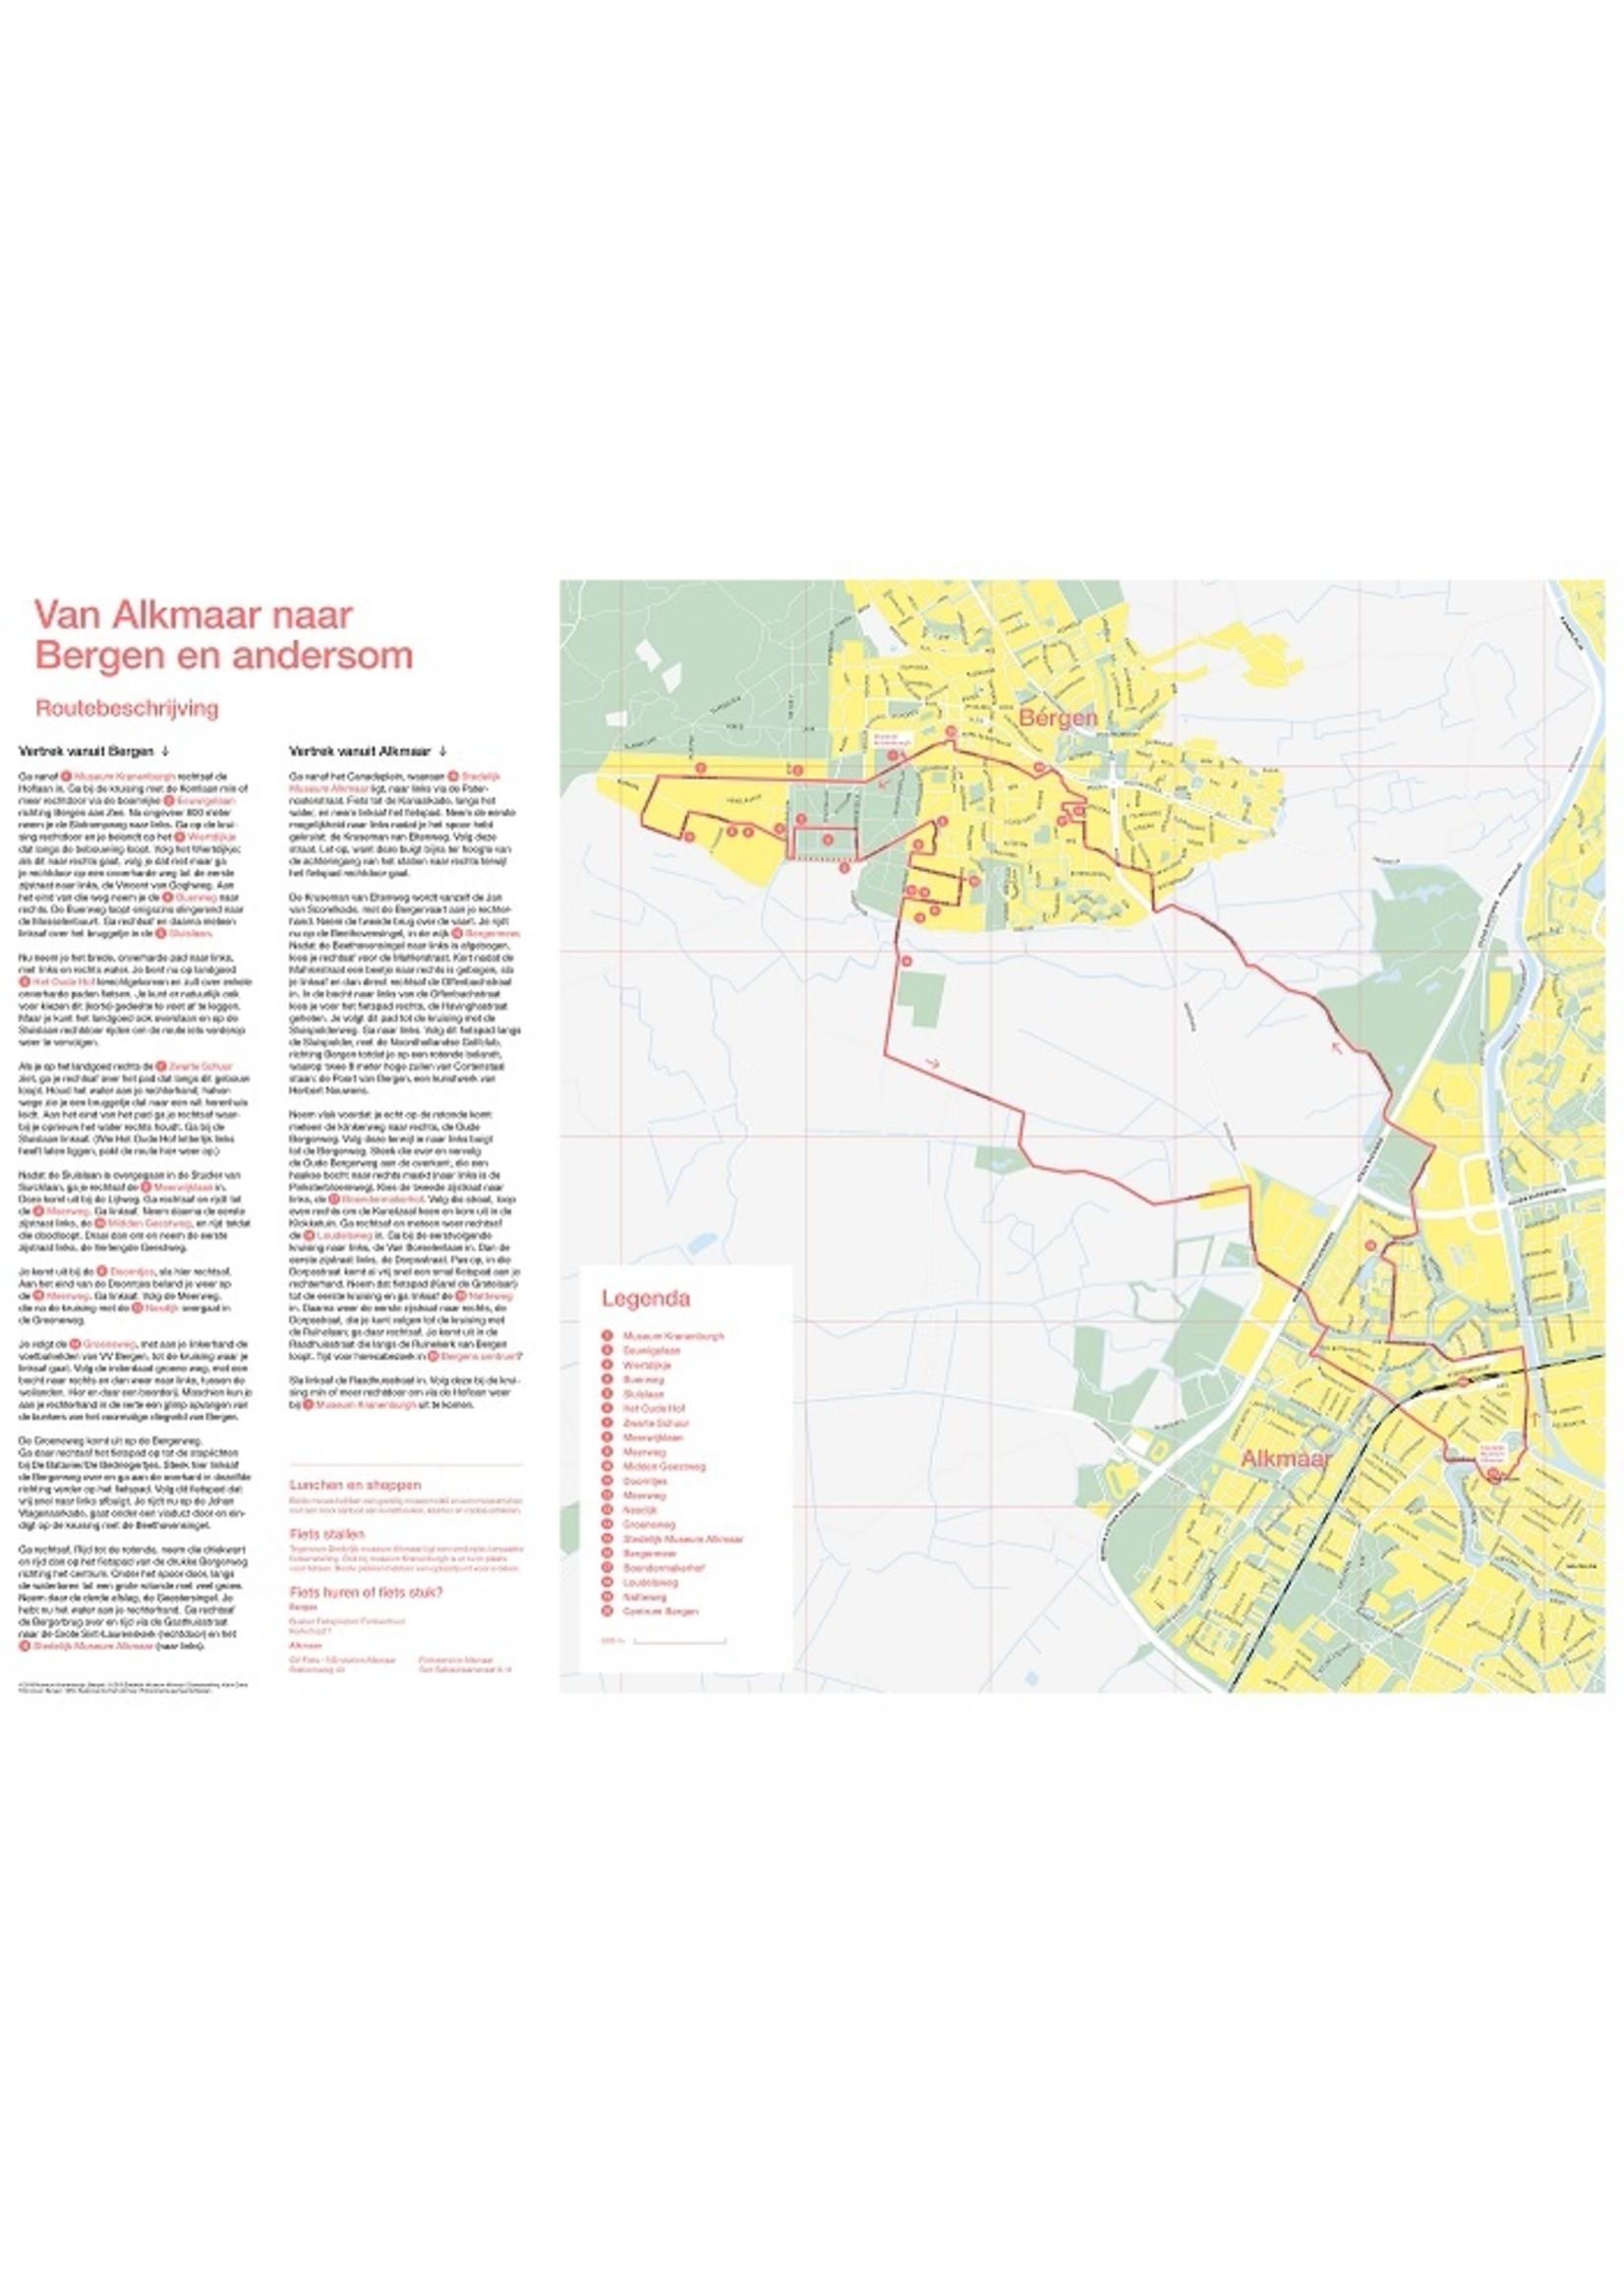 Fietskaart van Alkmaar naar Bergen